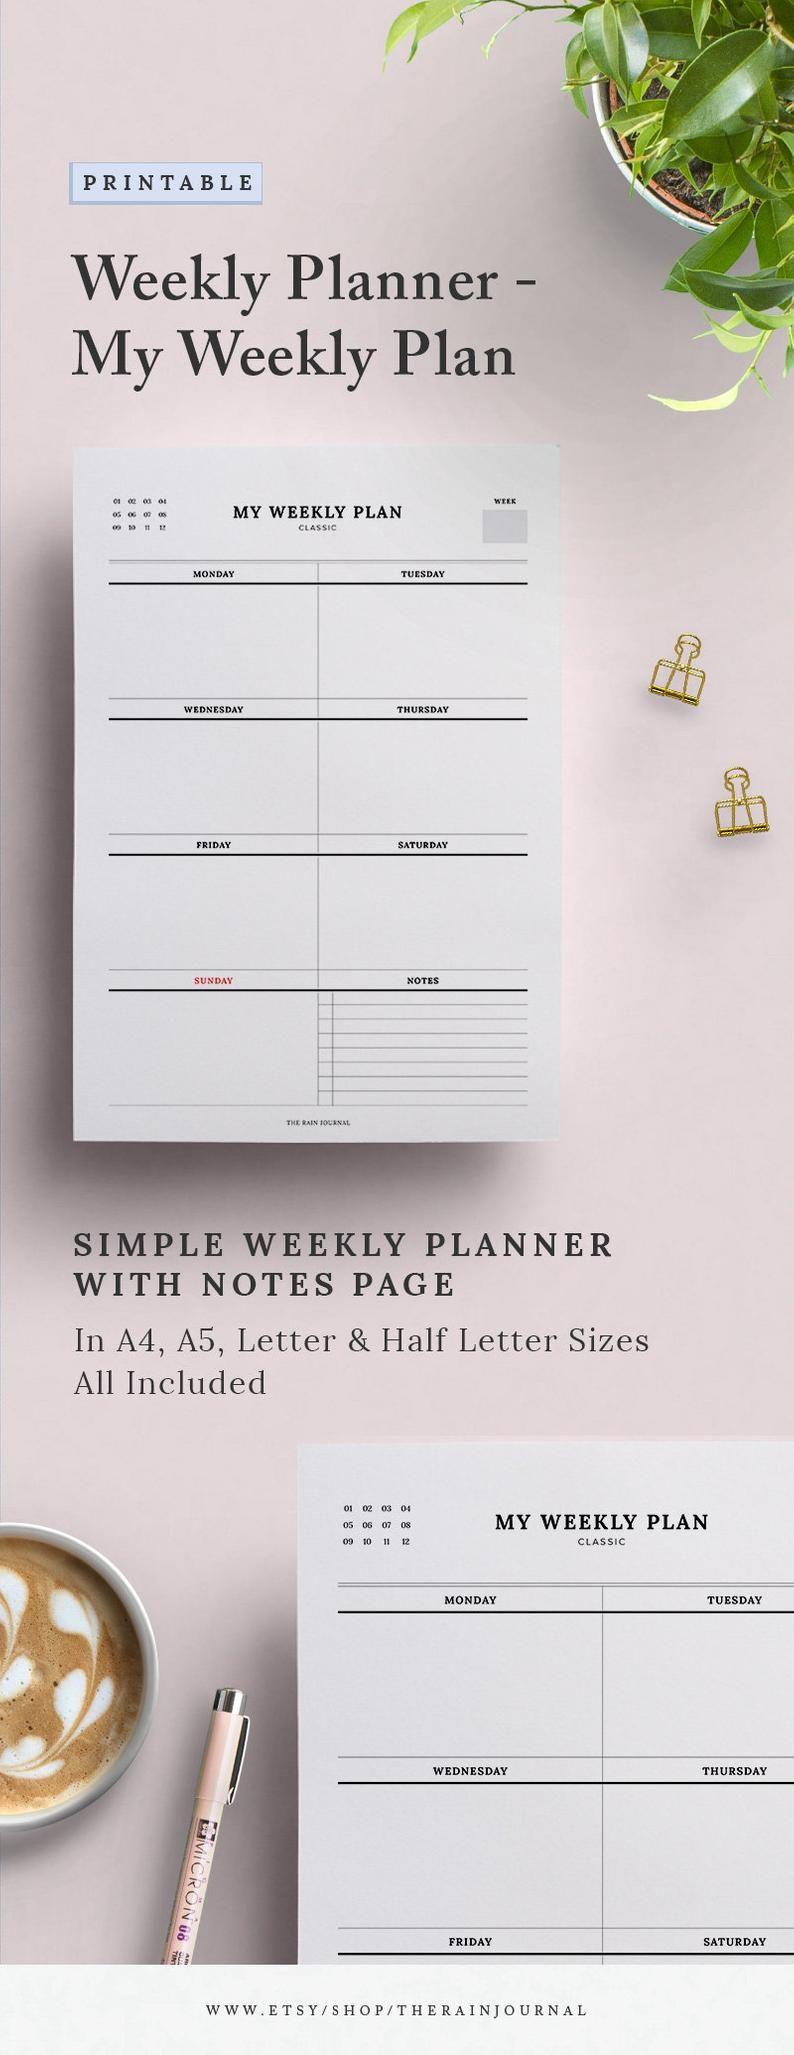 My Weekly Plan Weekly Planner Printable, Weekly Agenda